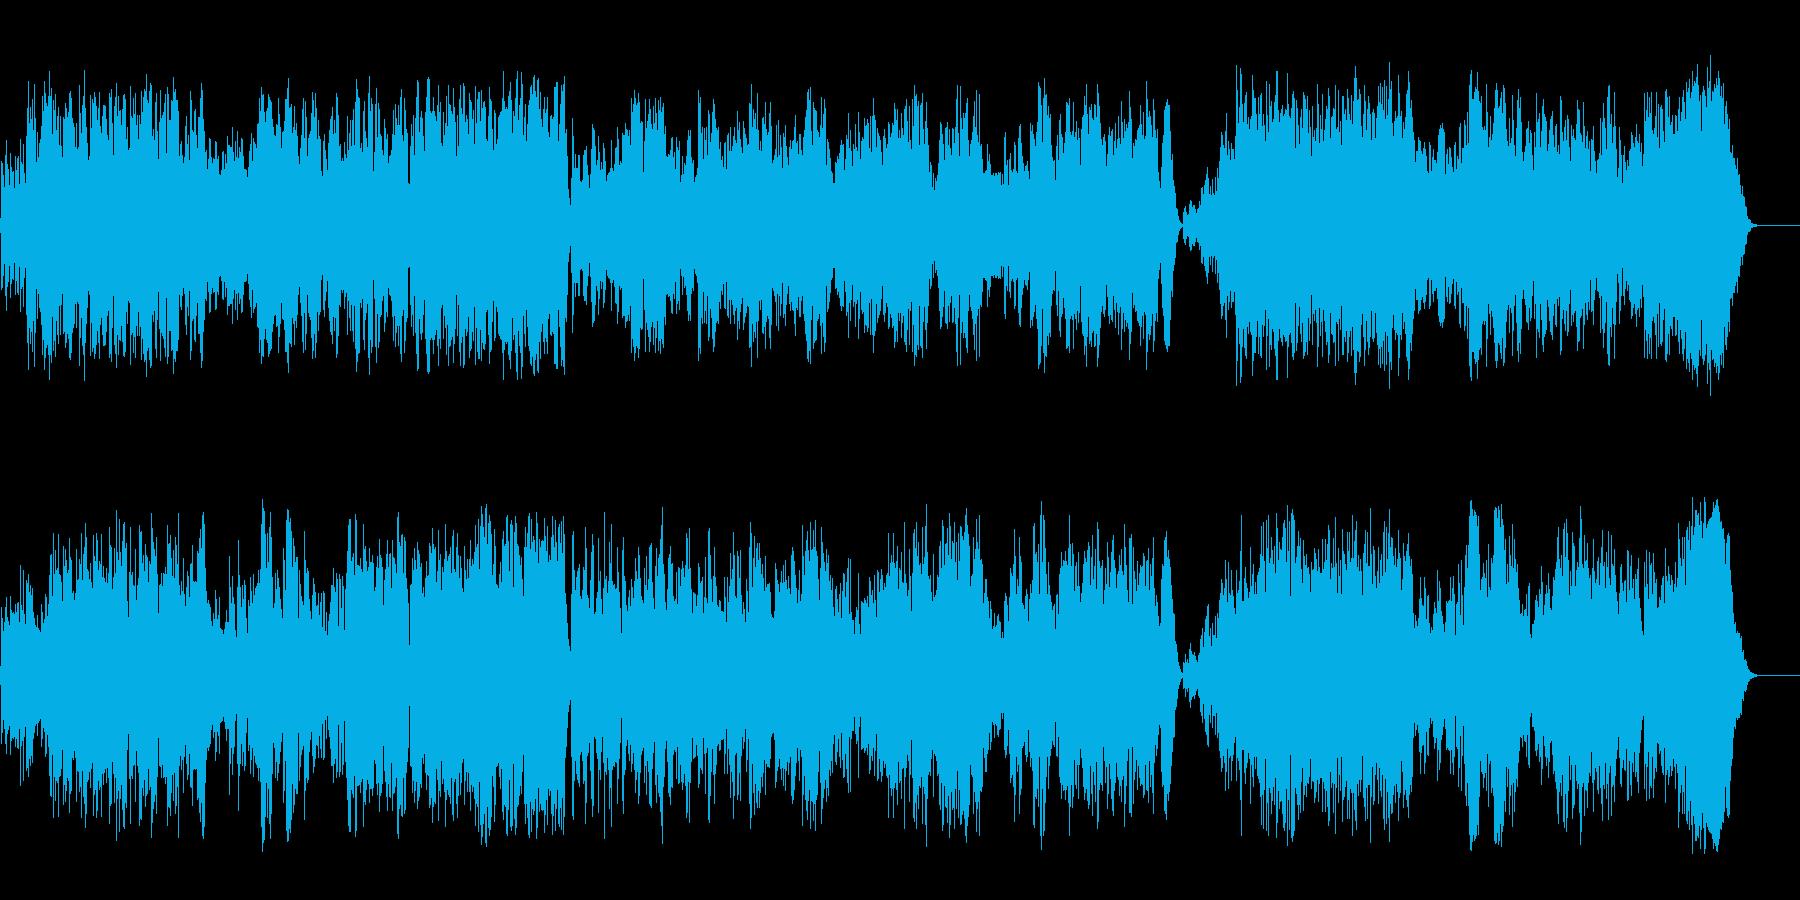 大自然の流麗で穏やかなフルート三重奏の再生済みの波形